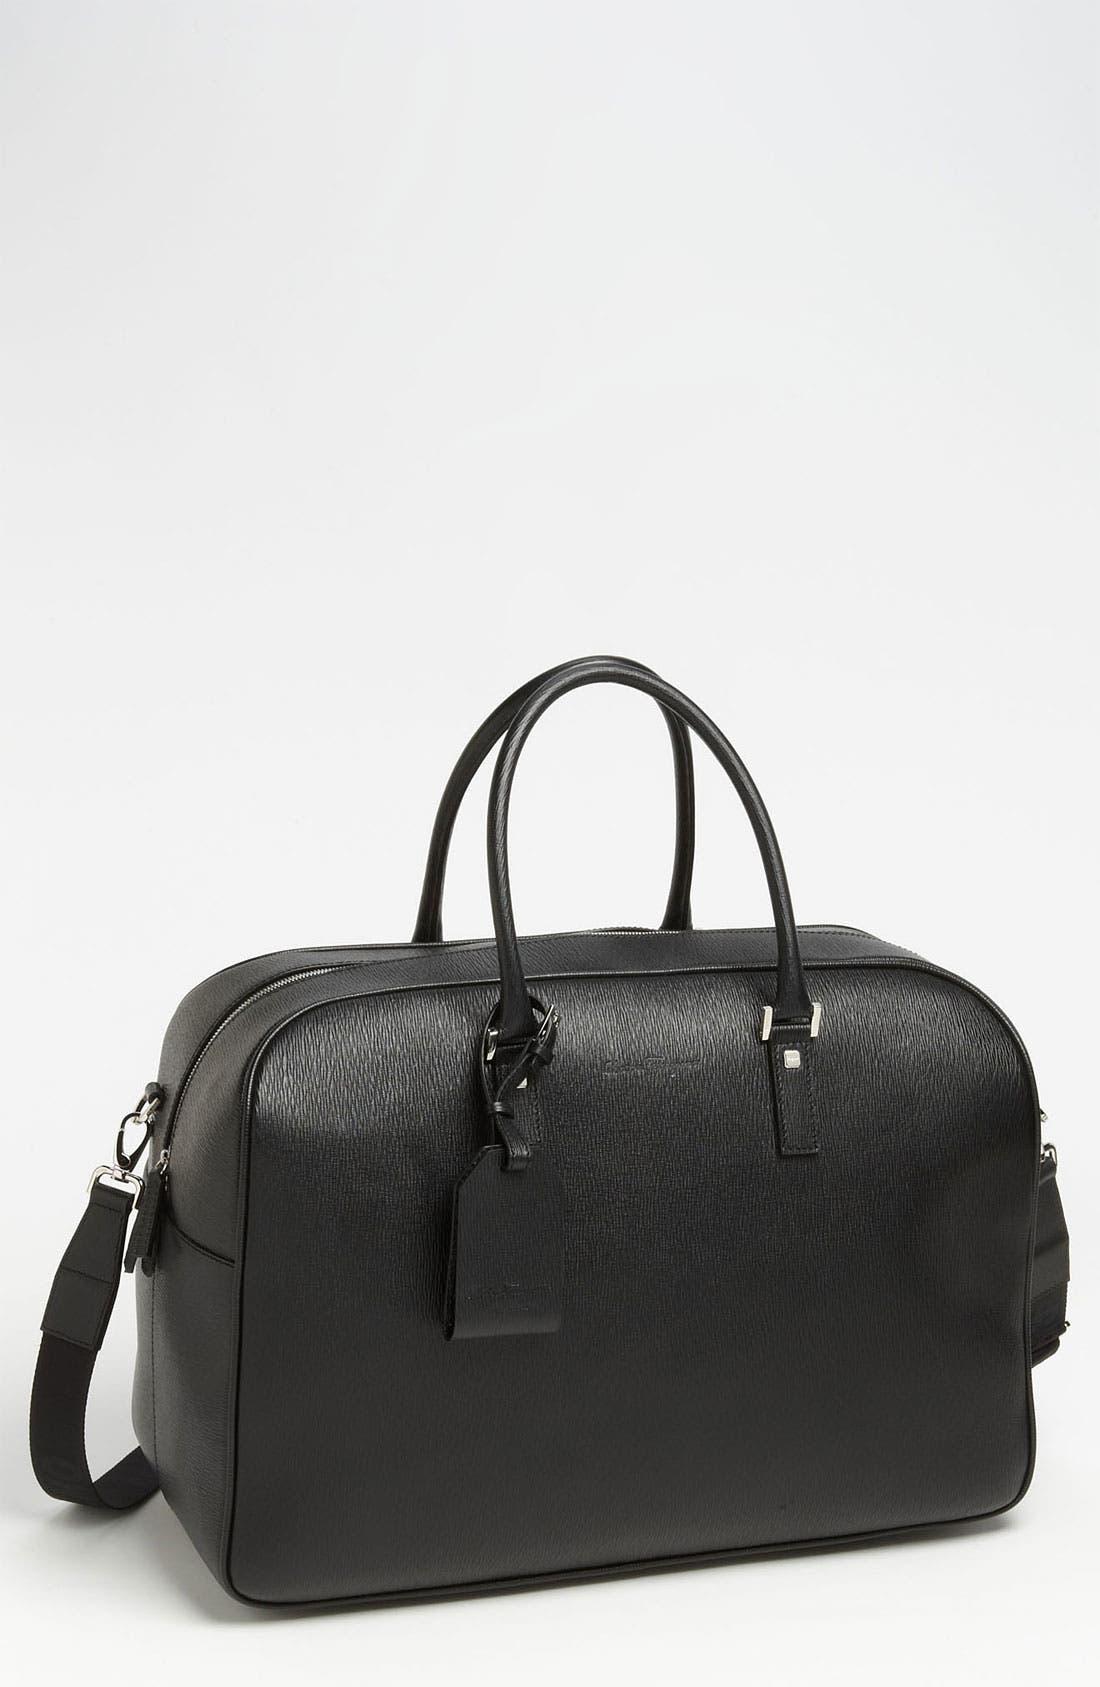 Main Image - Salvatore Ferragamo 'Revival' Duffel Bag